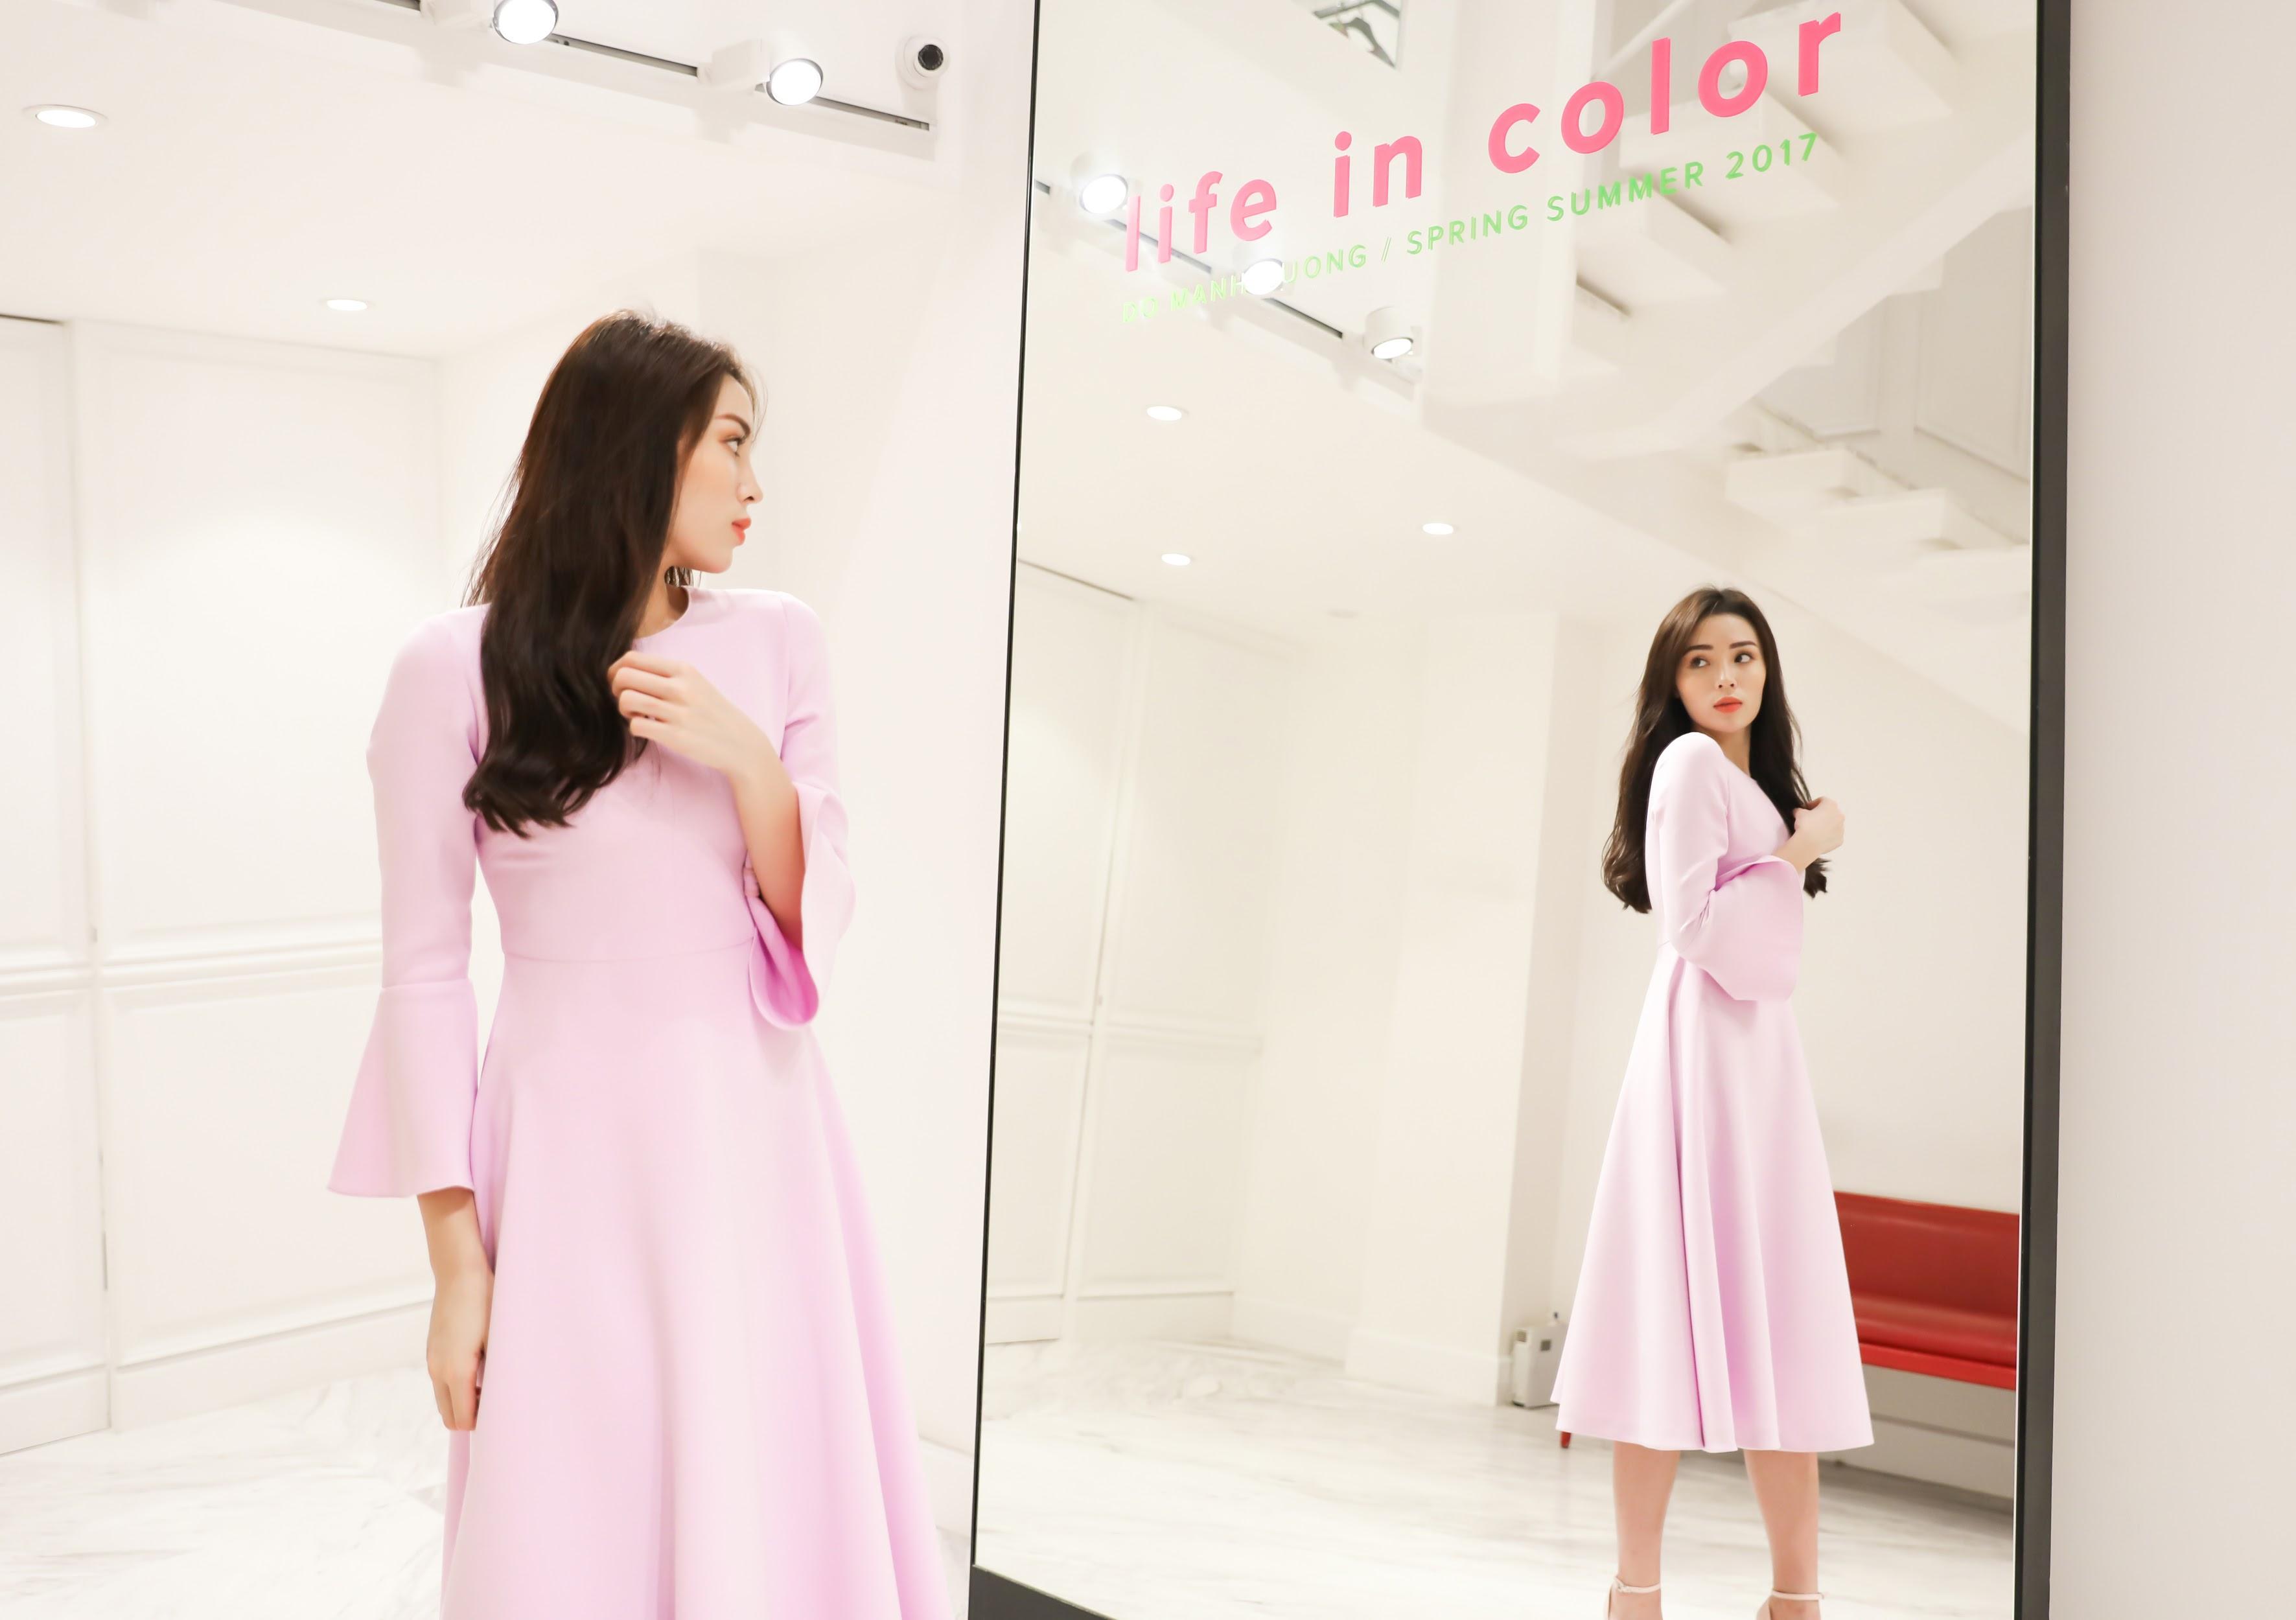 Với tông hồng pastel trang nhã, chiếc áo mang đến hình ảnh một Kỳ Duyên đầy dịu dàng và nền nã.